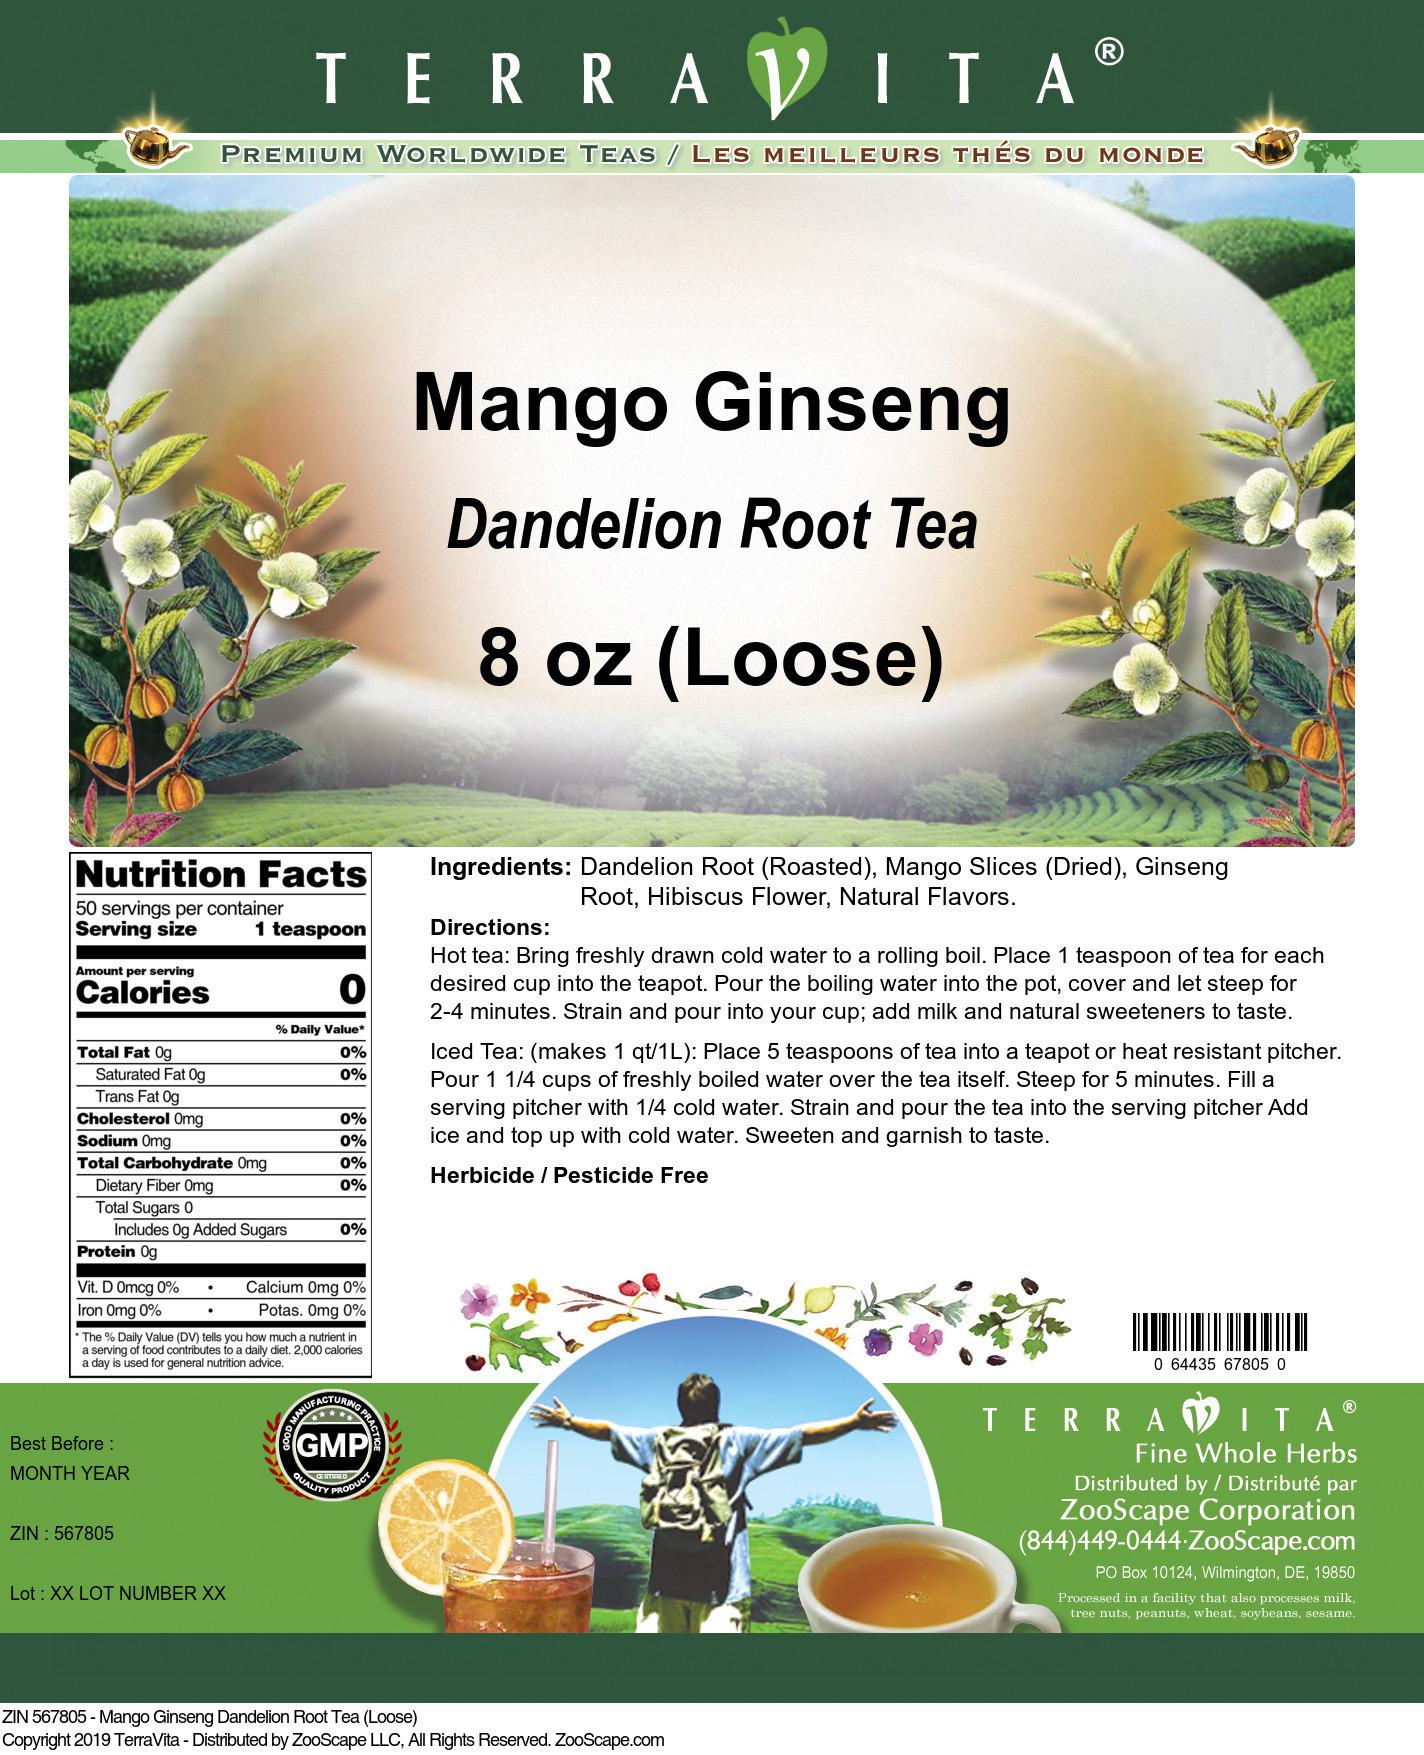 Mango Ginseng Dandelion Root Tea (Loose)